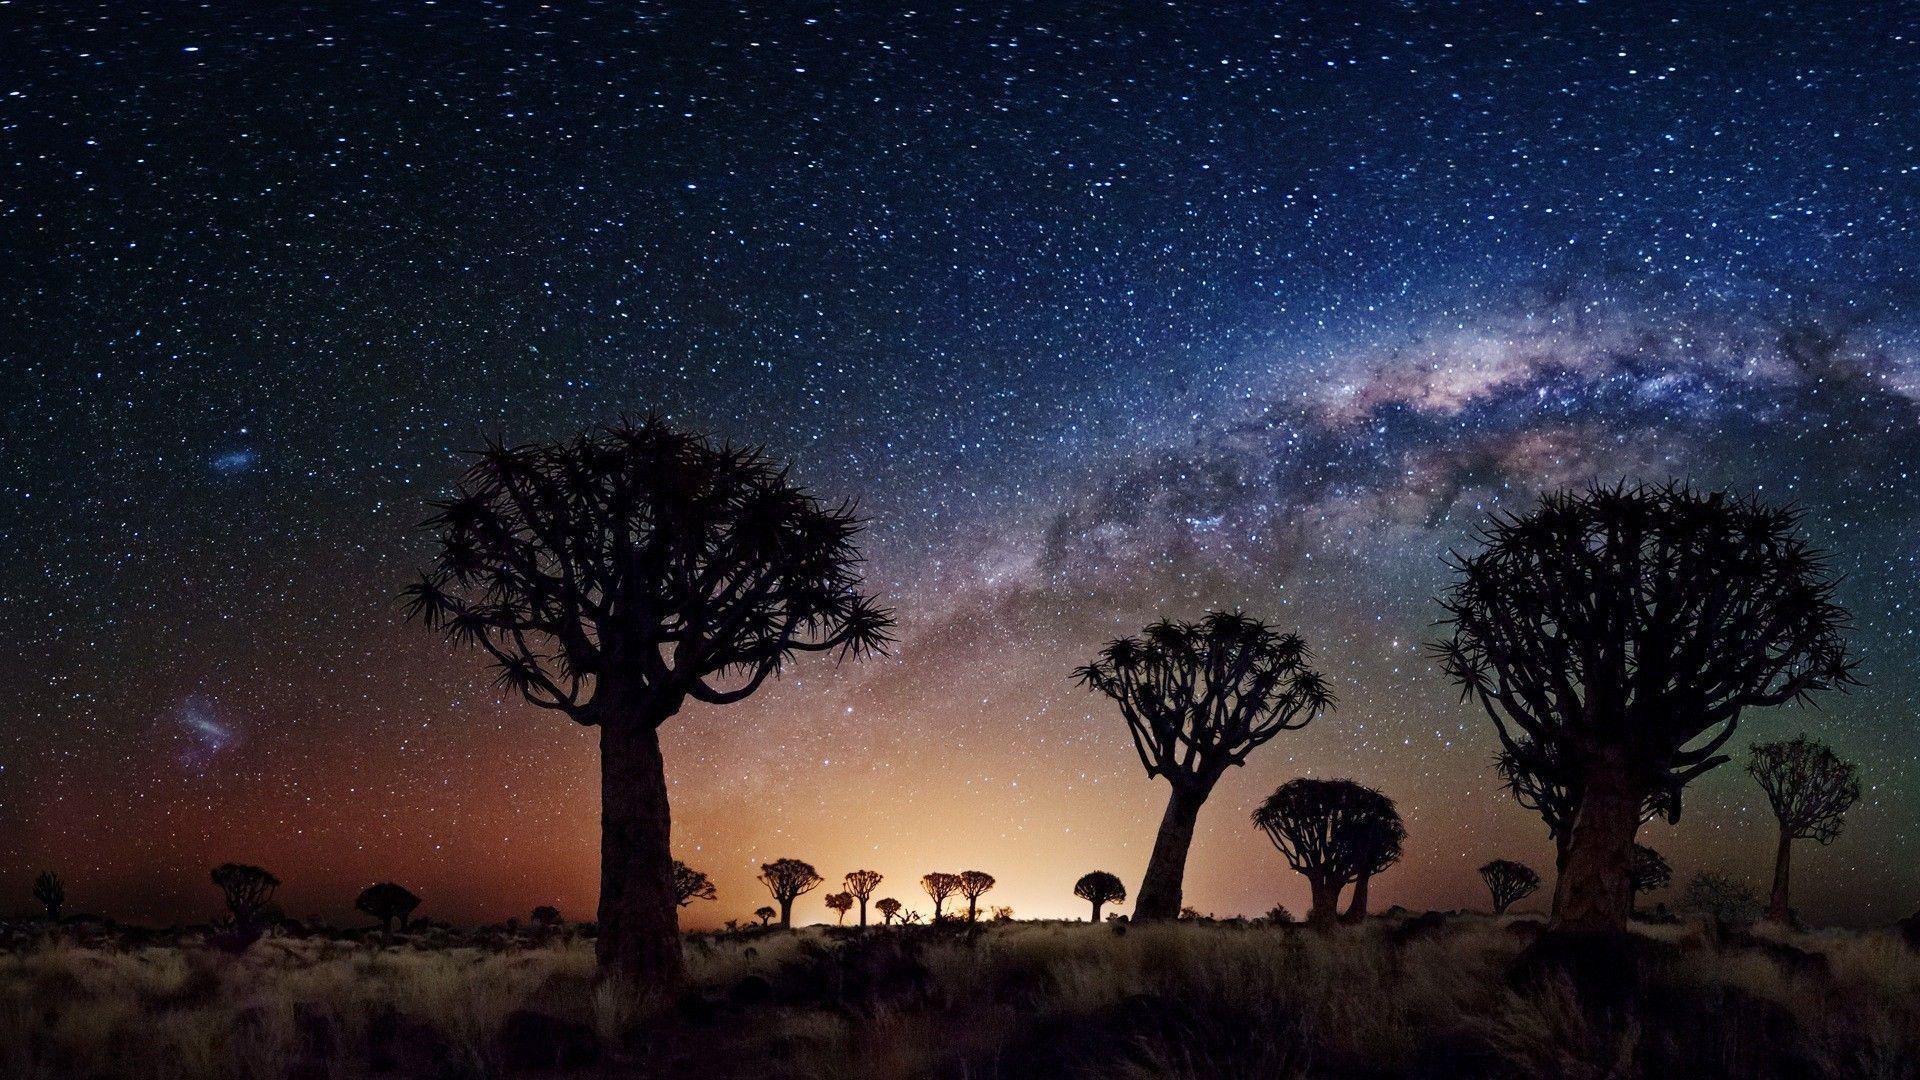 Desert Milky Way Wallpapers Top Free Desert Milky Way Backgrounds Wallpaperaccess